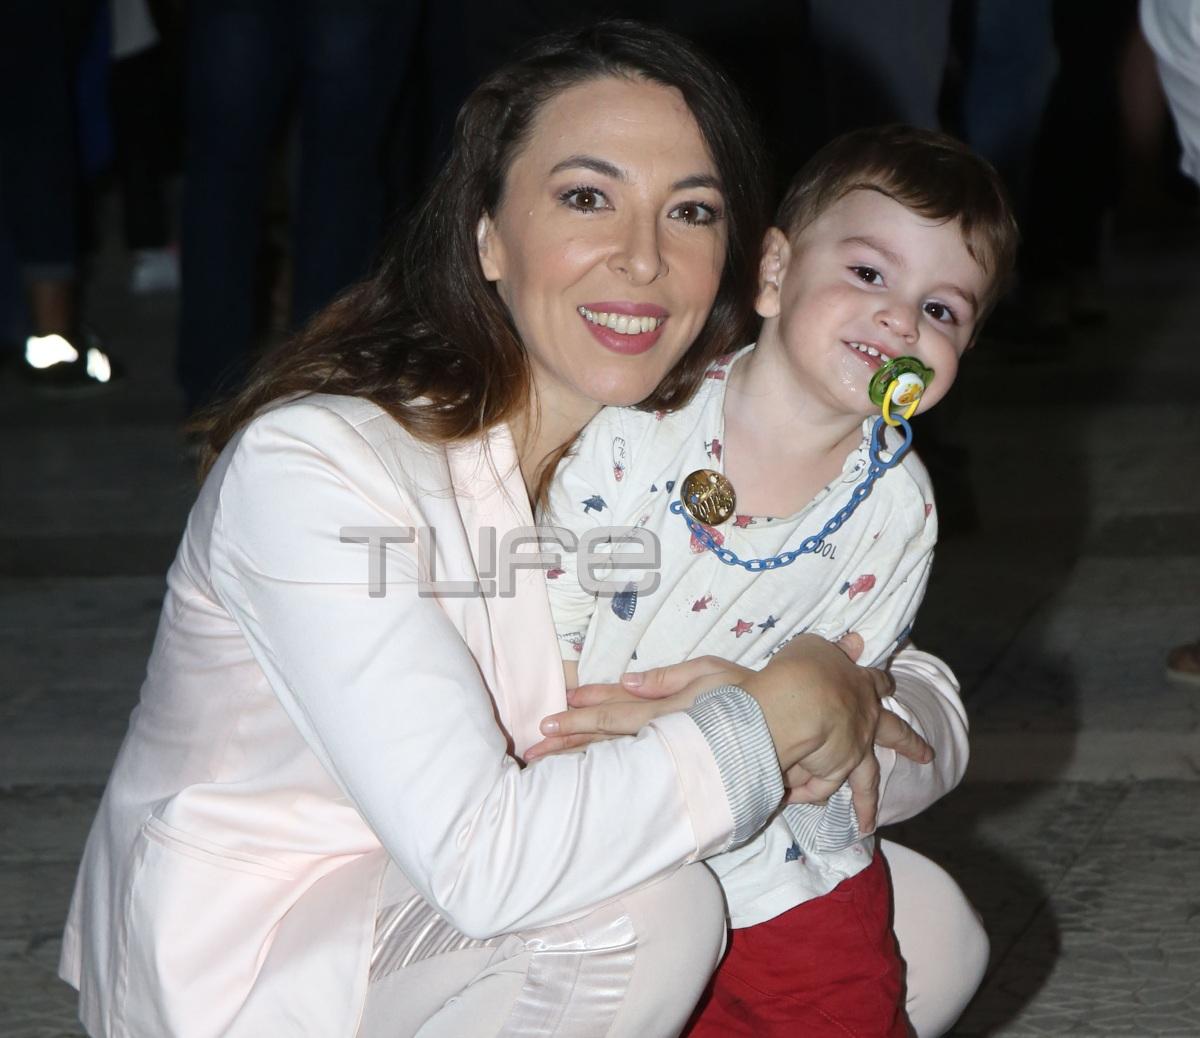 Αλίκη Κατσαβού: Ο γιος της Φοίβος πήρε το κινητό της και… δημοσίευσε κάτι που δεν έπρεπε! [pic] | tlife.gr